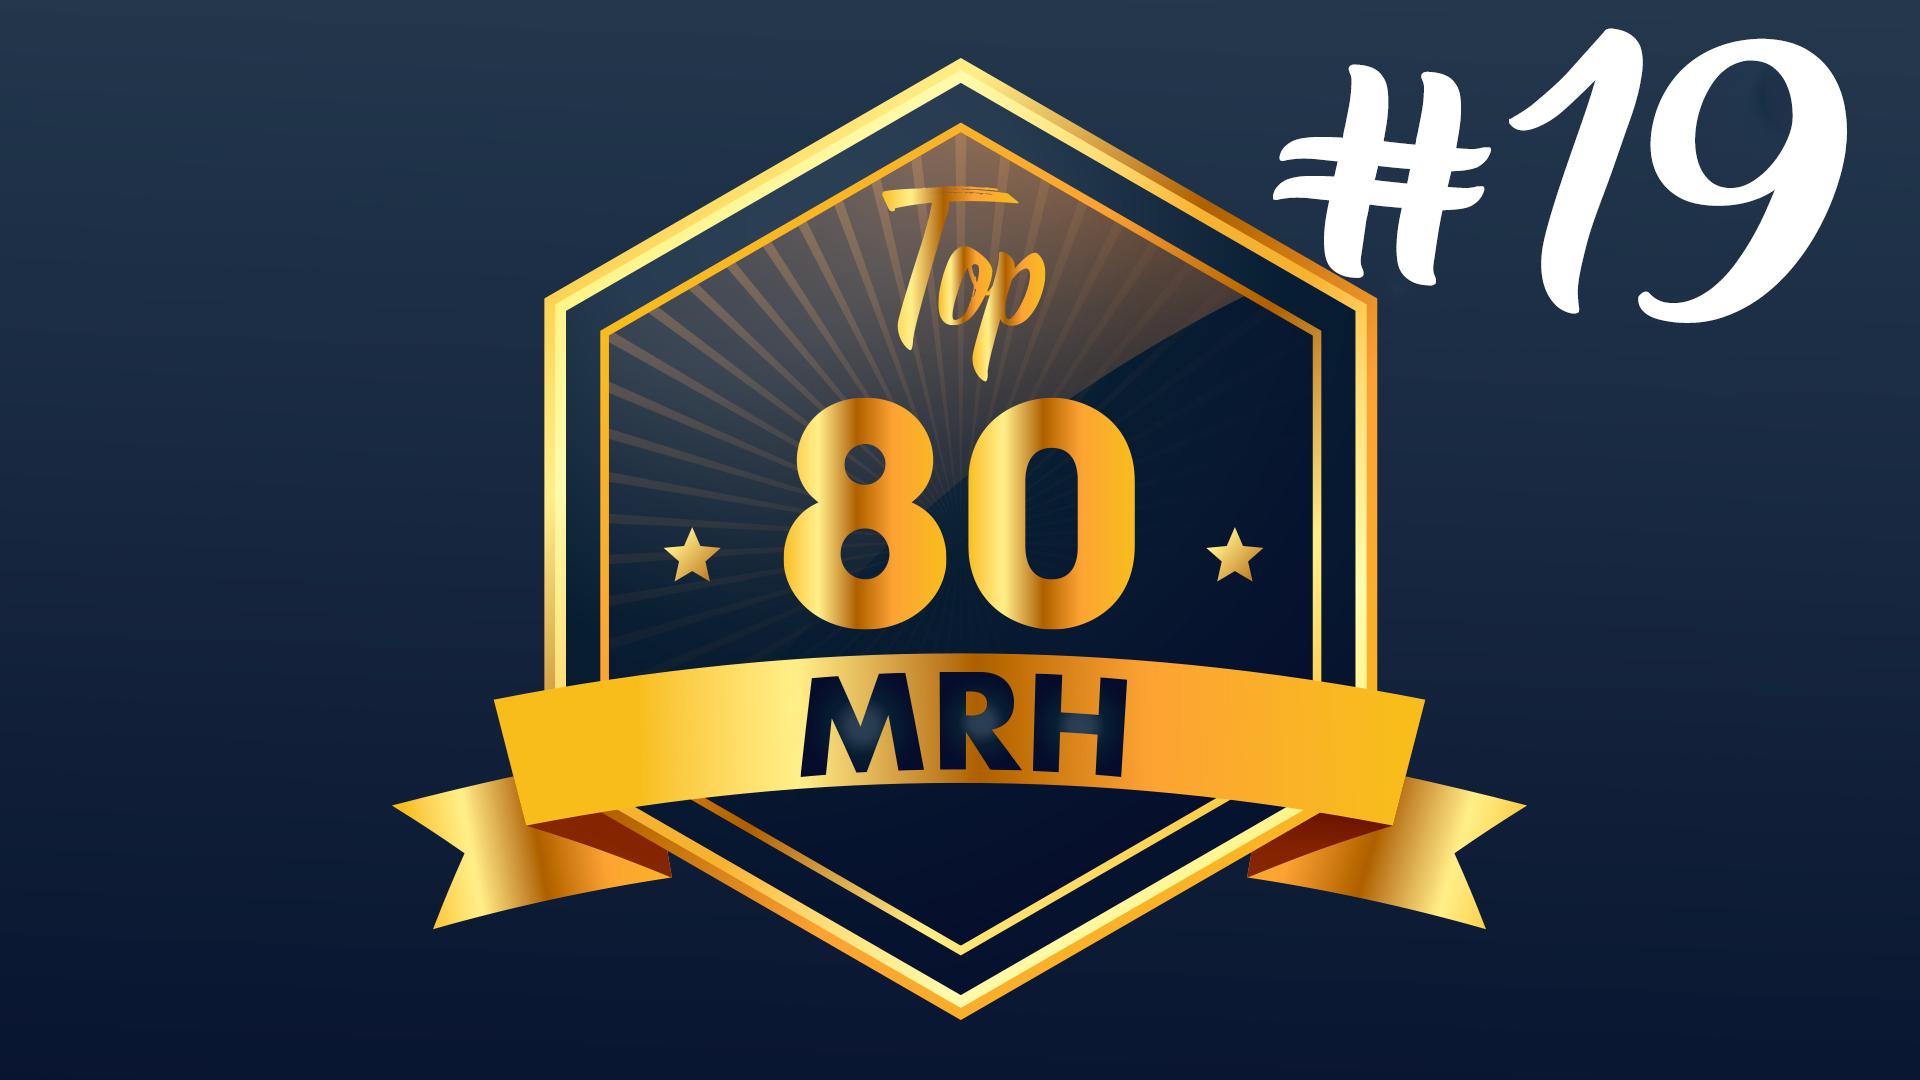 Top 80 MRH - Quel est le classement du dix-neuvième Top MRH ?